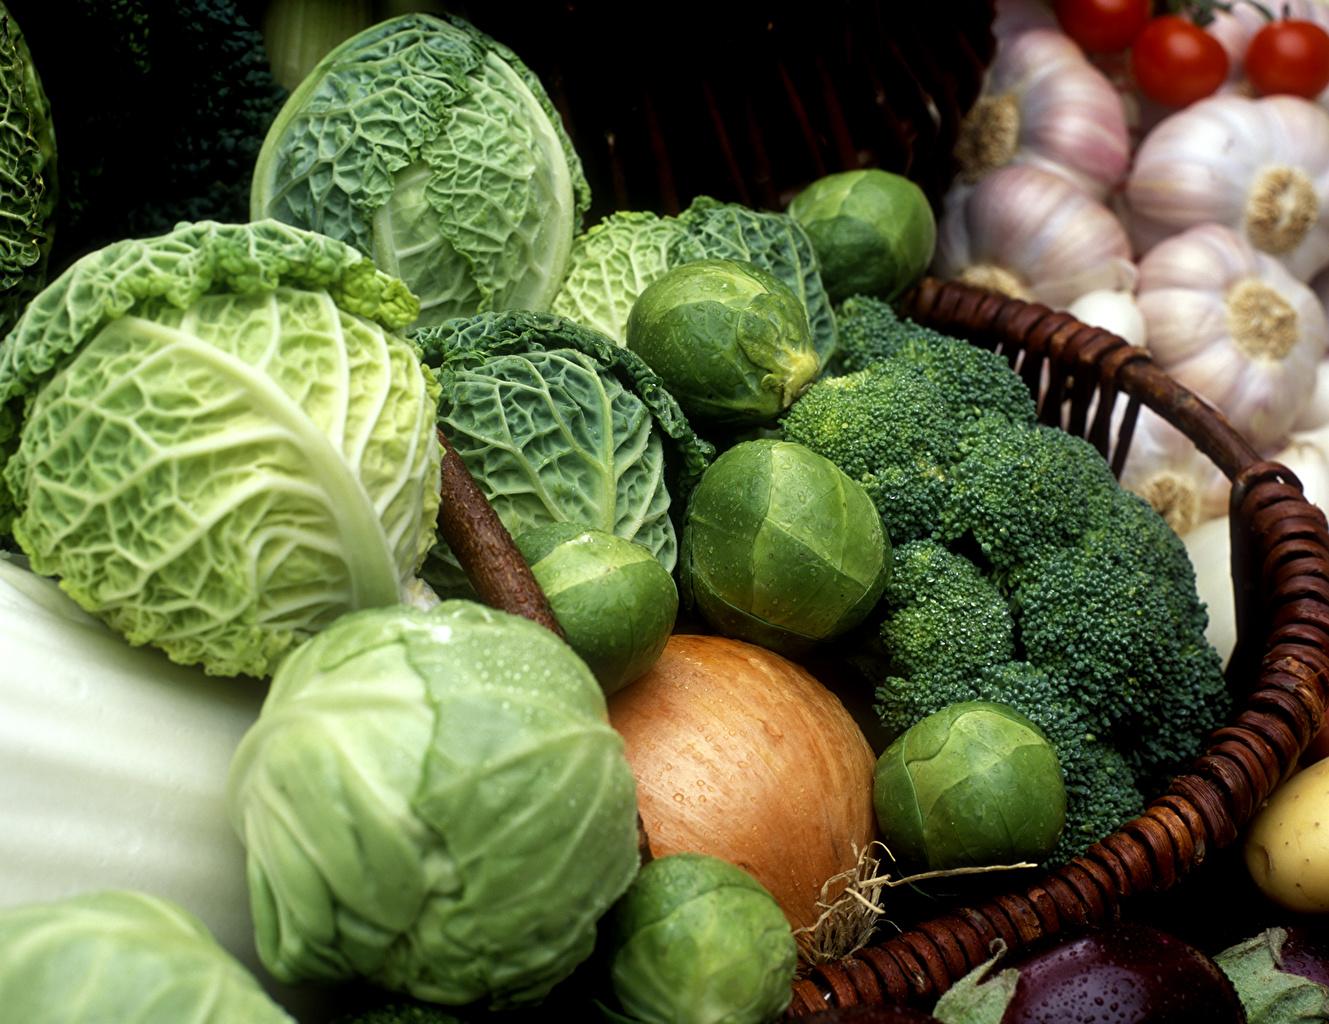 Обои для рабочего стола Капуста Лук репчатый Пища Овощи Много Еда Продукты питания